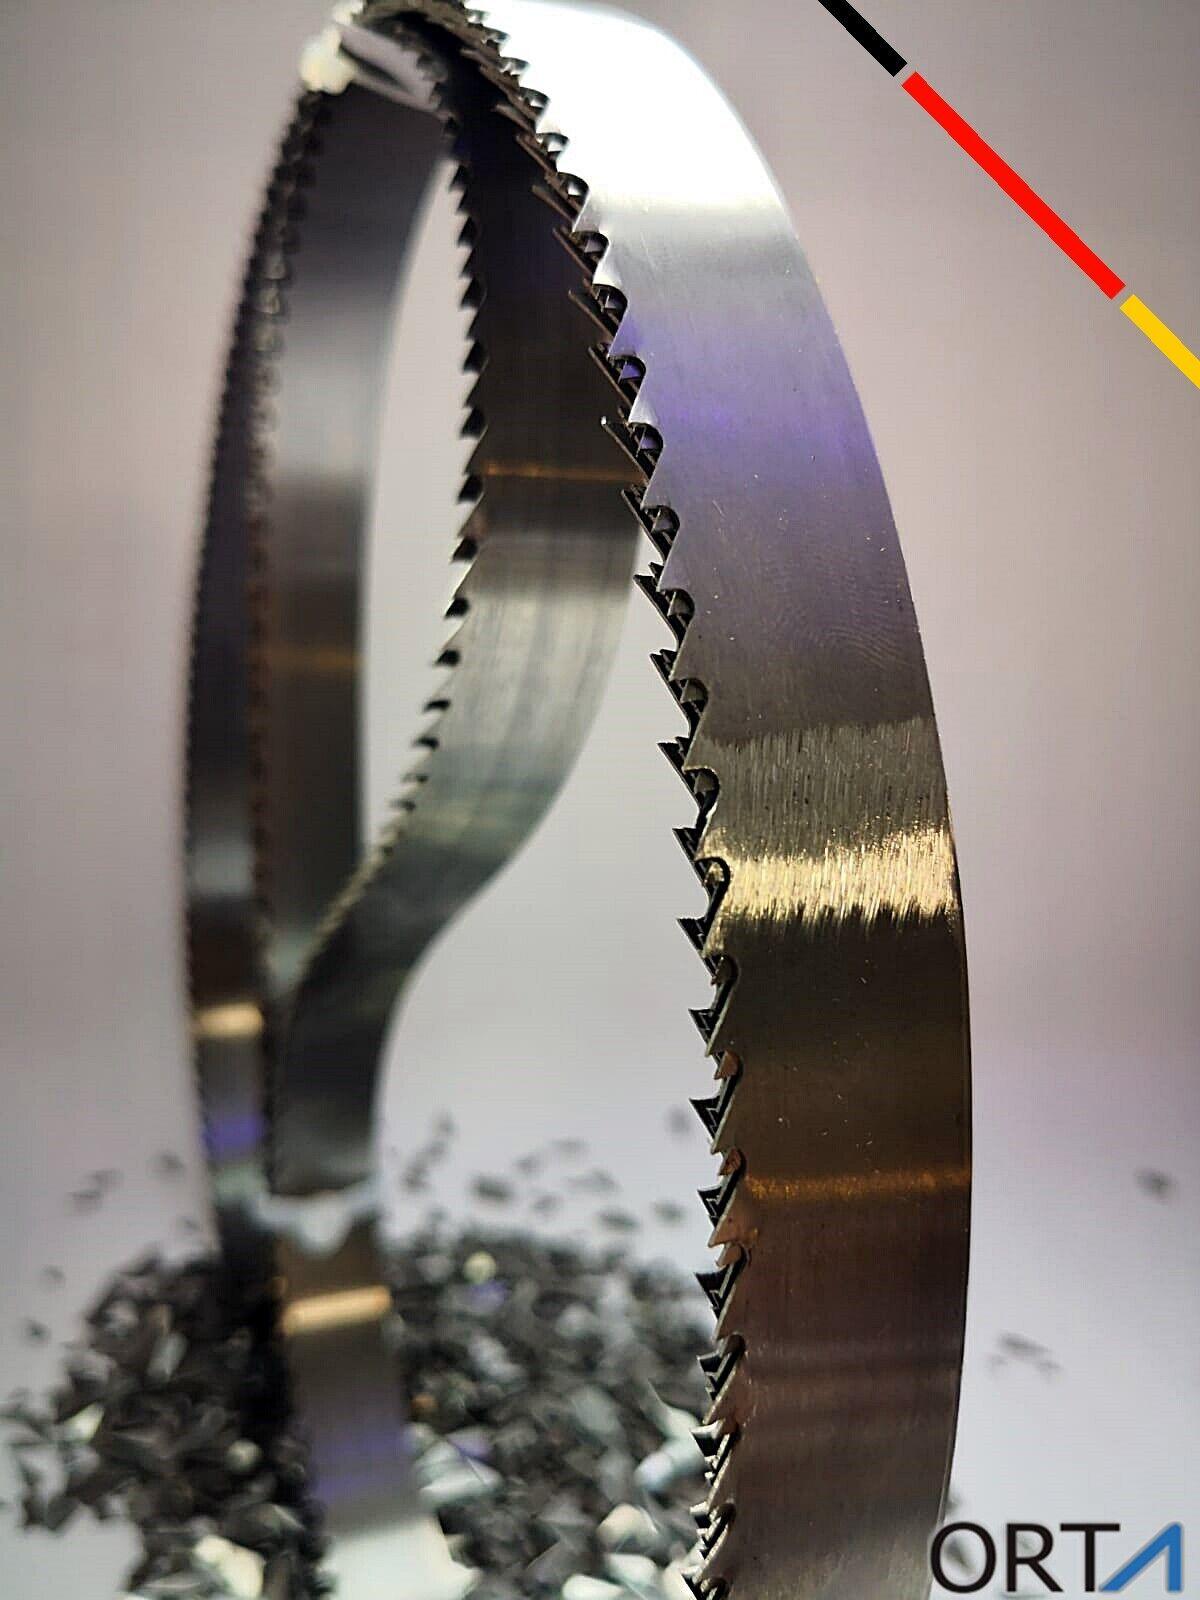 Bandsägeblätter UDDEHOLM  Länge von 1505-2180 mm Breite von 6 bis15 mm